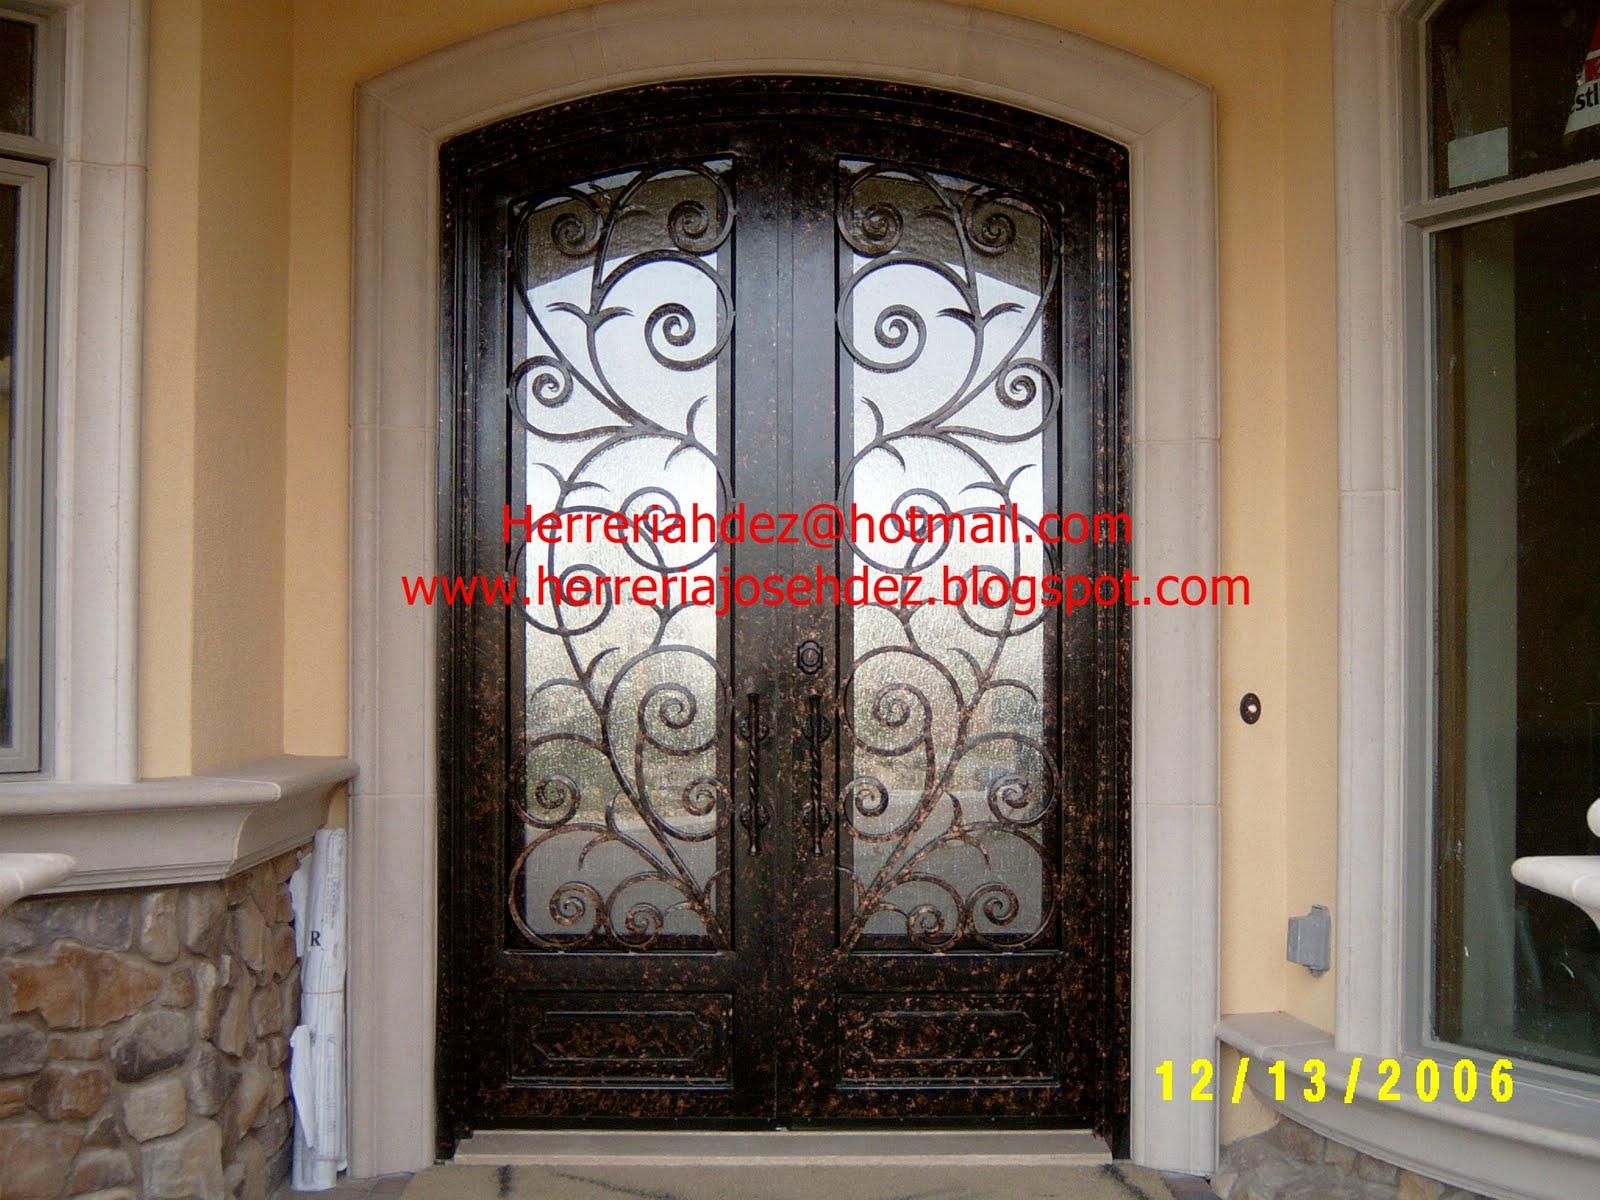 Herreria art stica hern ndez dale click en entradas for Puertas principales de herreria casas